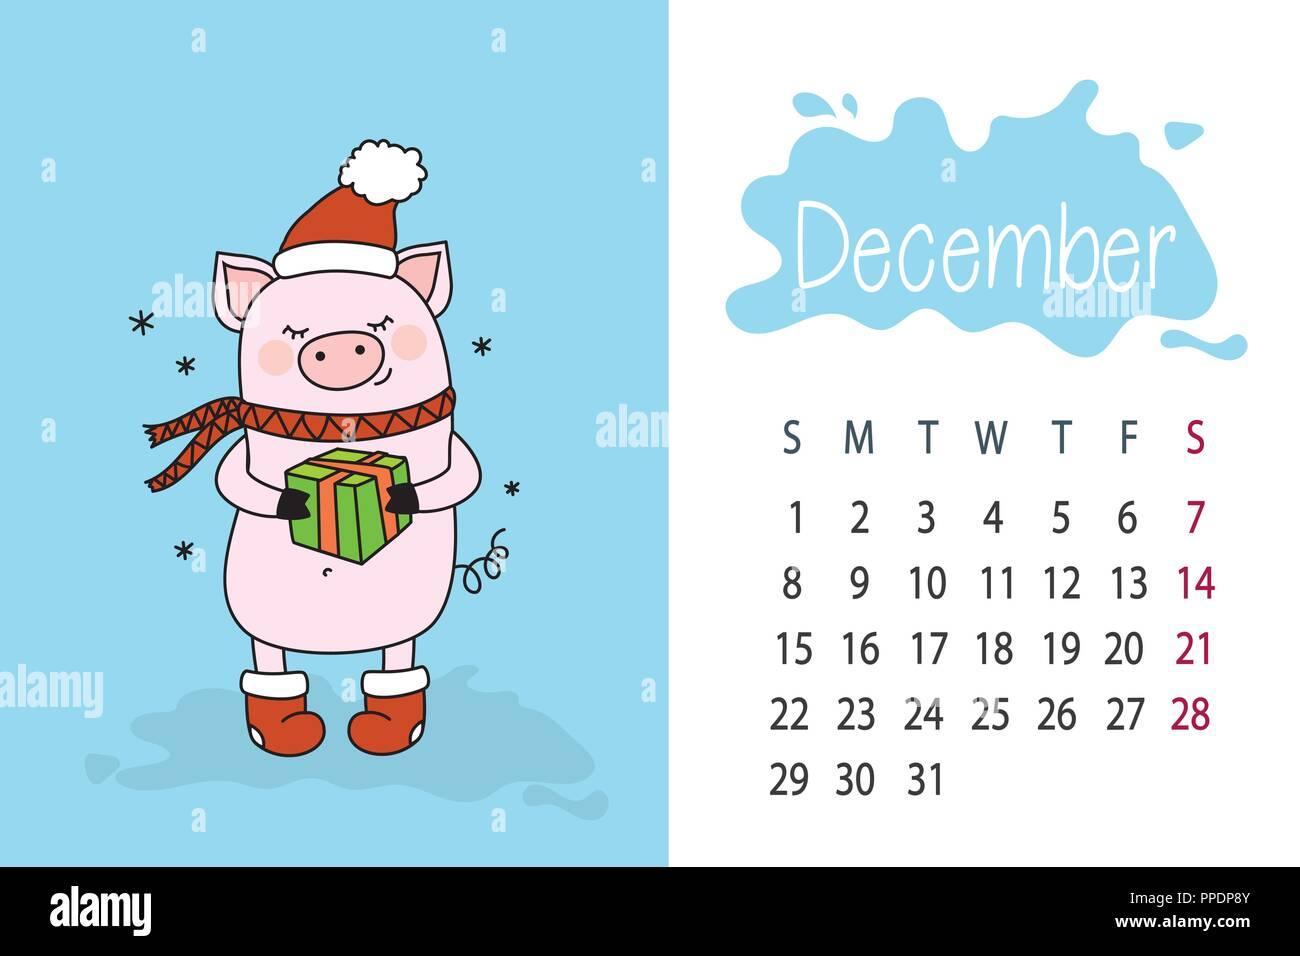 Calendario Mese Dicembre 2019.Mese Dicembre 2019 Anno Calendario Pagina Con Cute Di Maiale